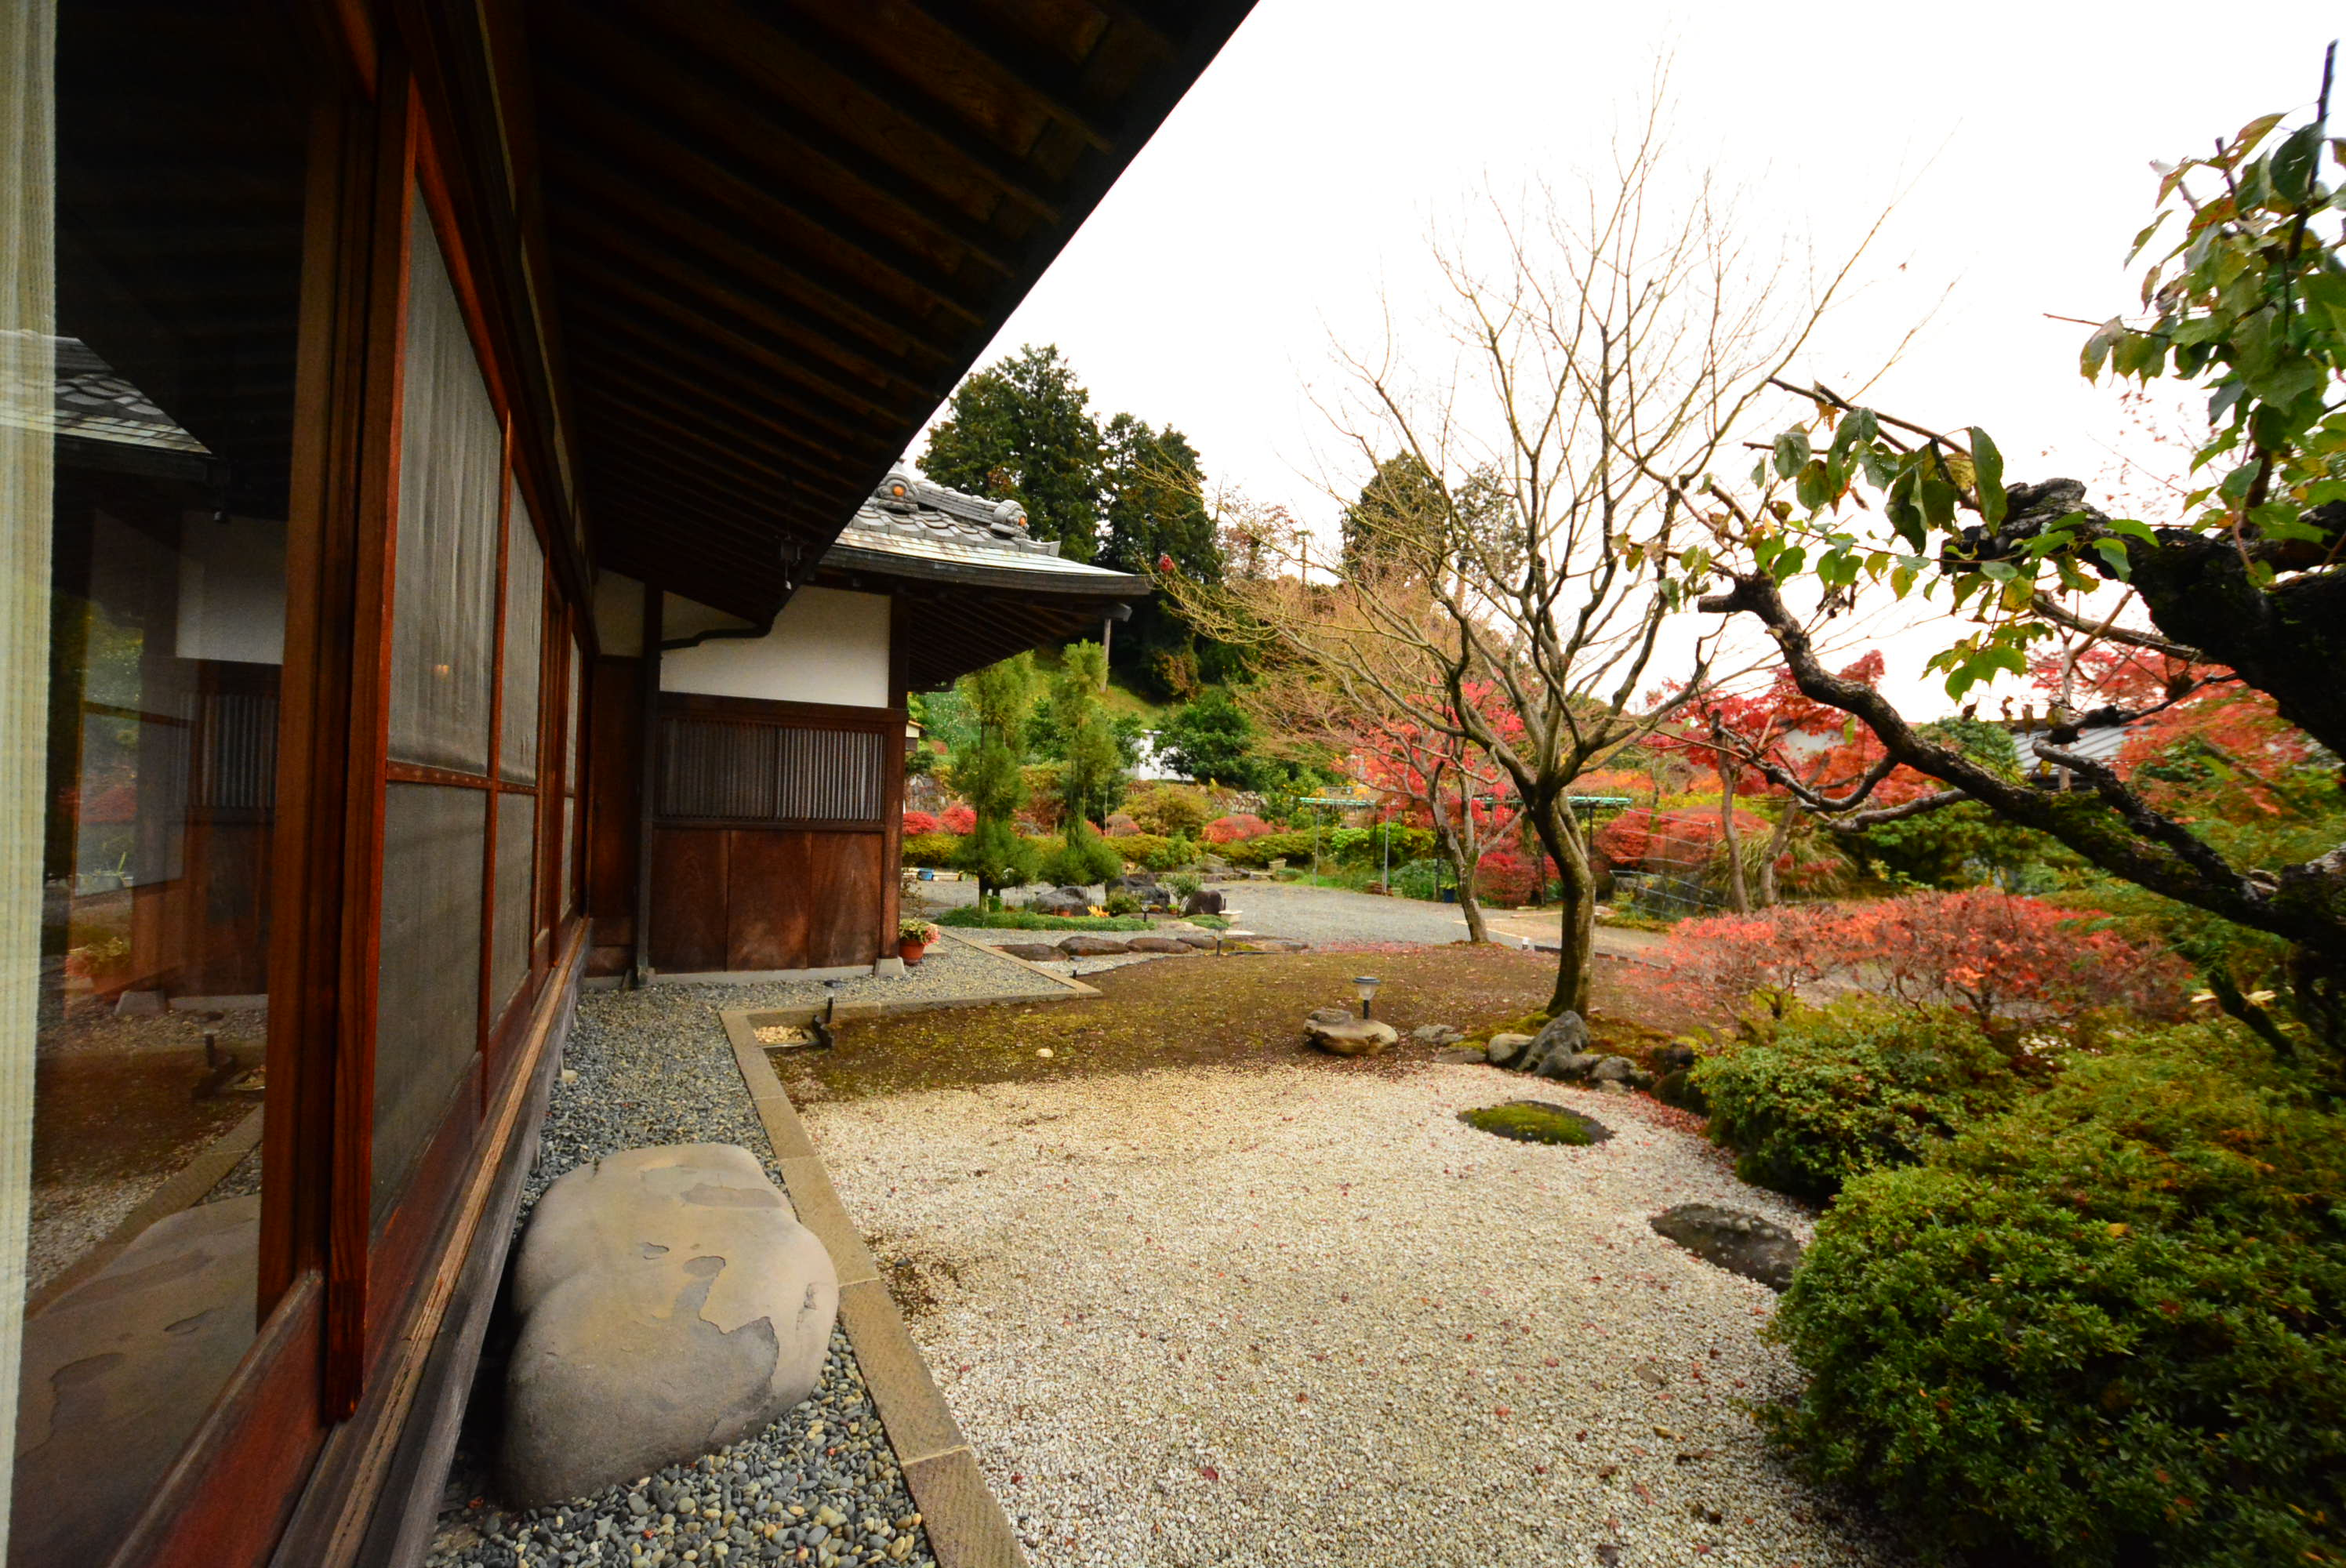 【家の中に蔵がある古民家物件レポ】神奈川・山北町で田舎暮らし…憧れの蔵カフェも?